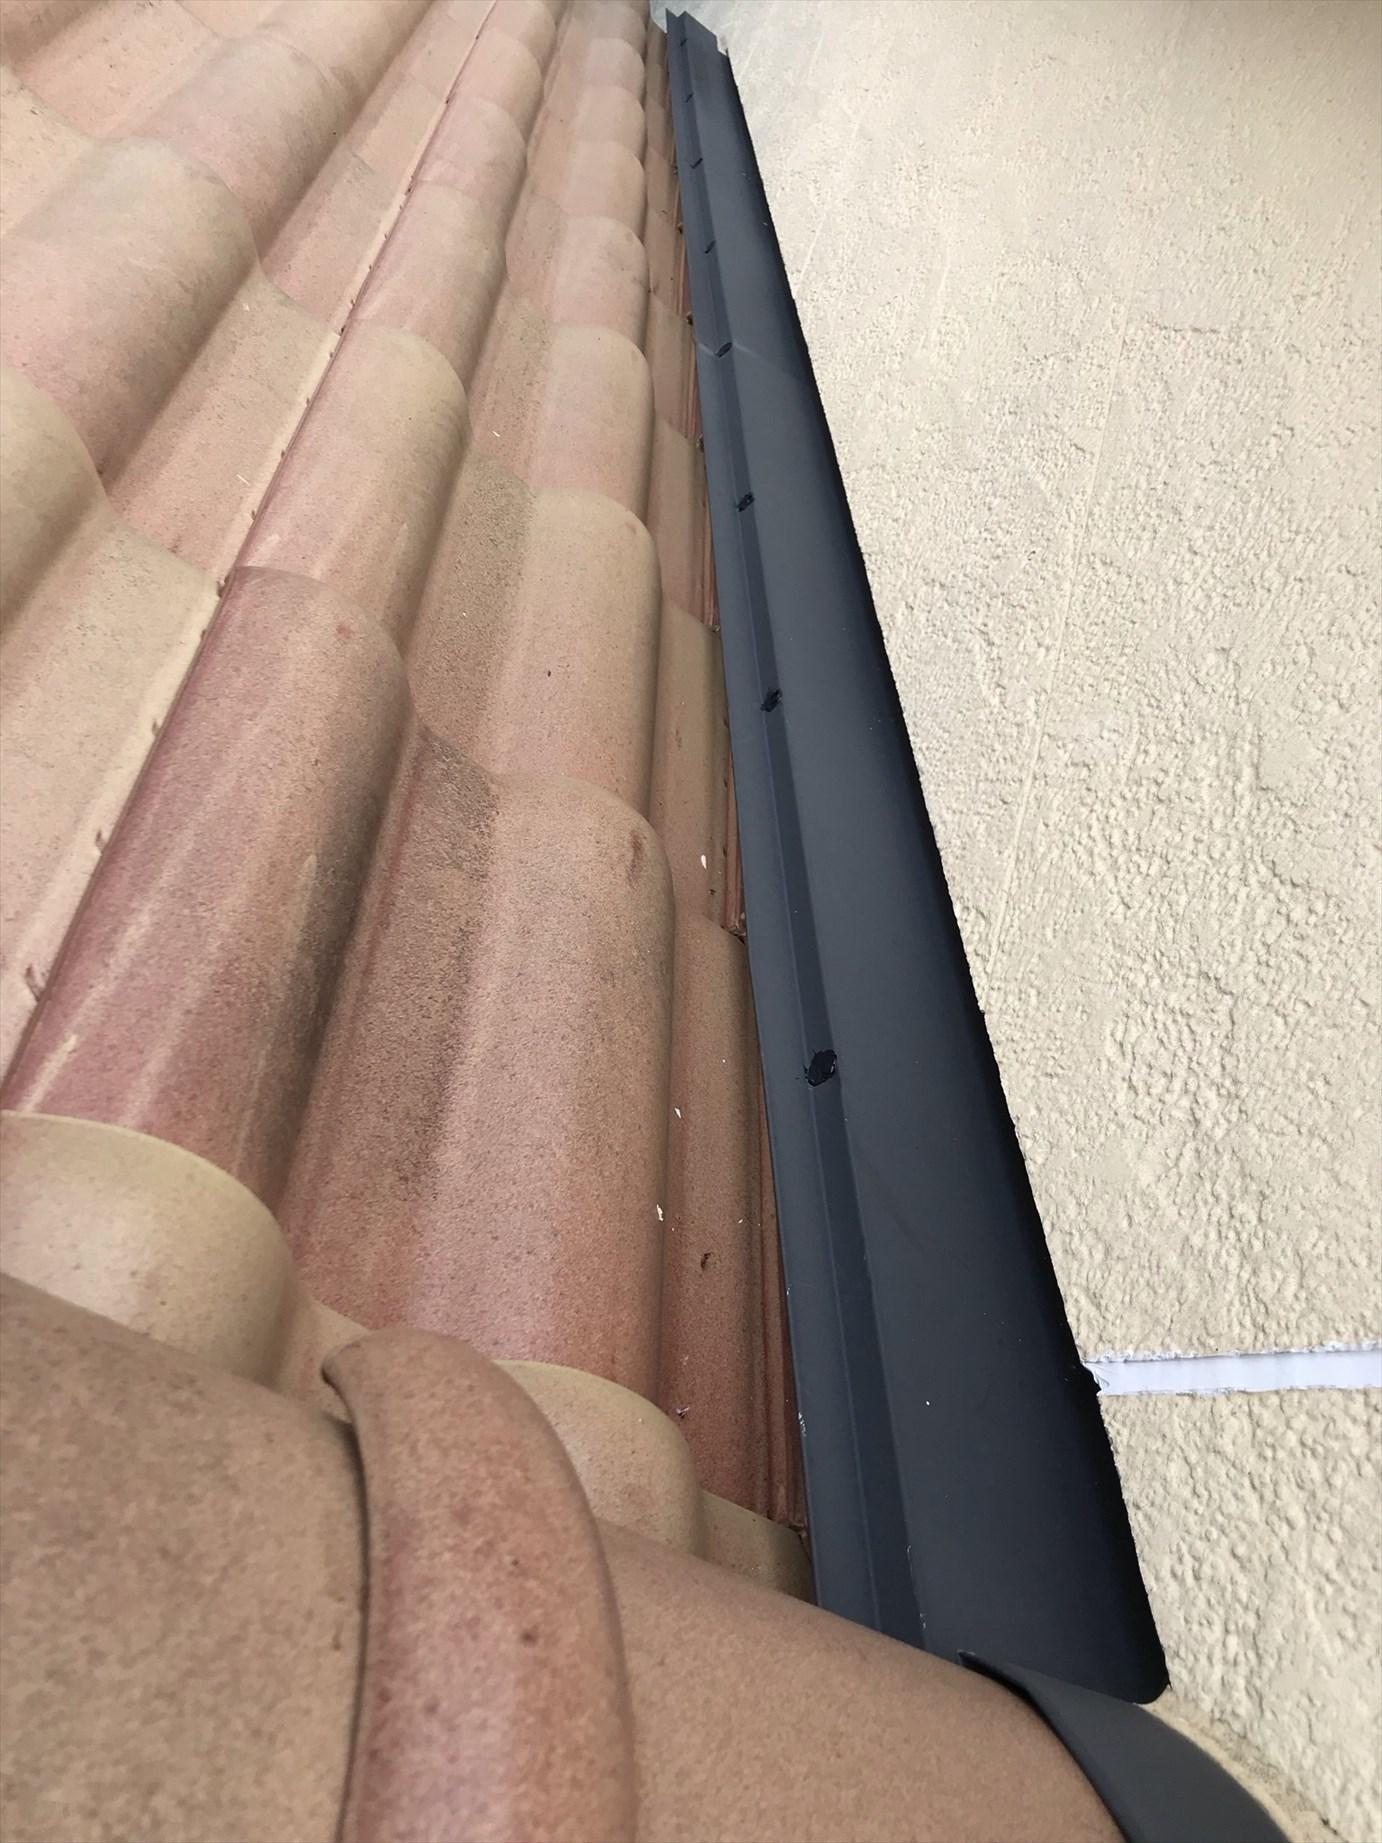 伊奈町外壁塗装時に屋根板金の浮いた止め釘部分コーキング補強し作業完了